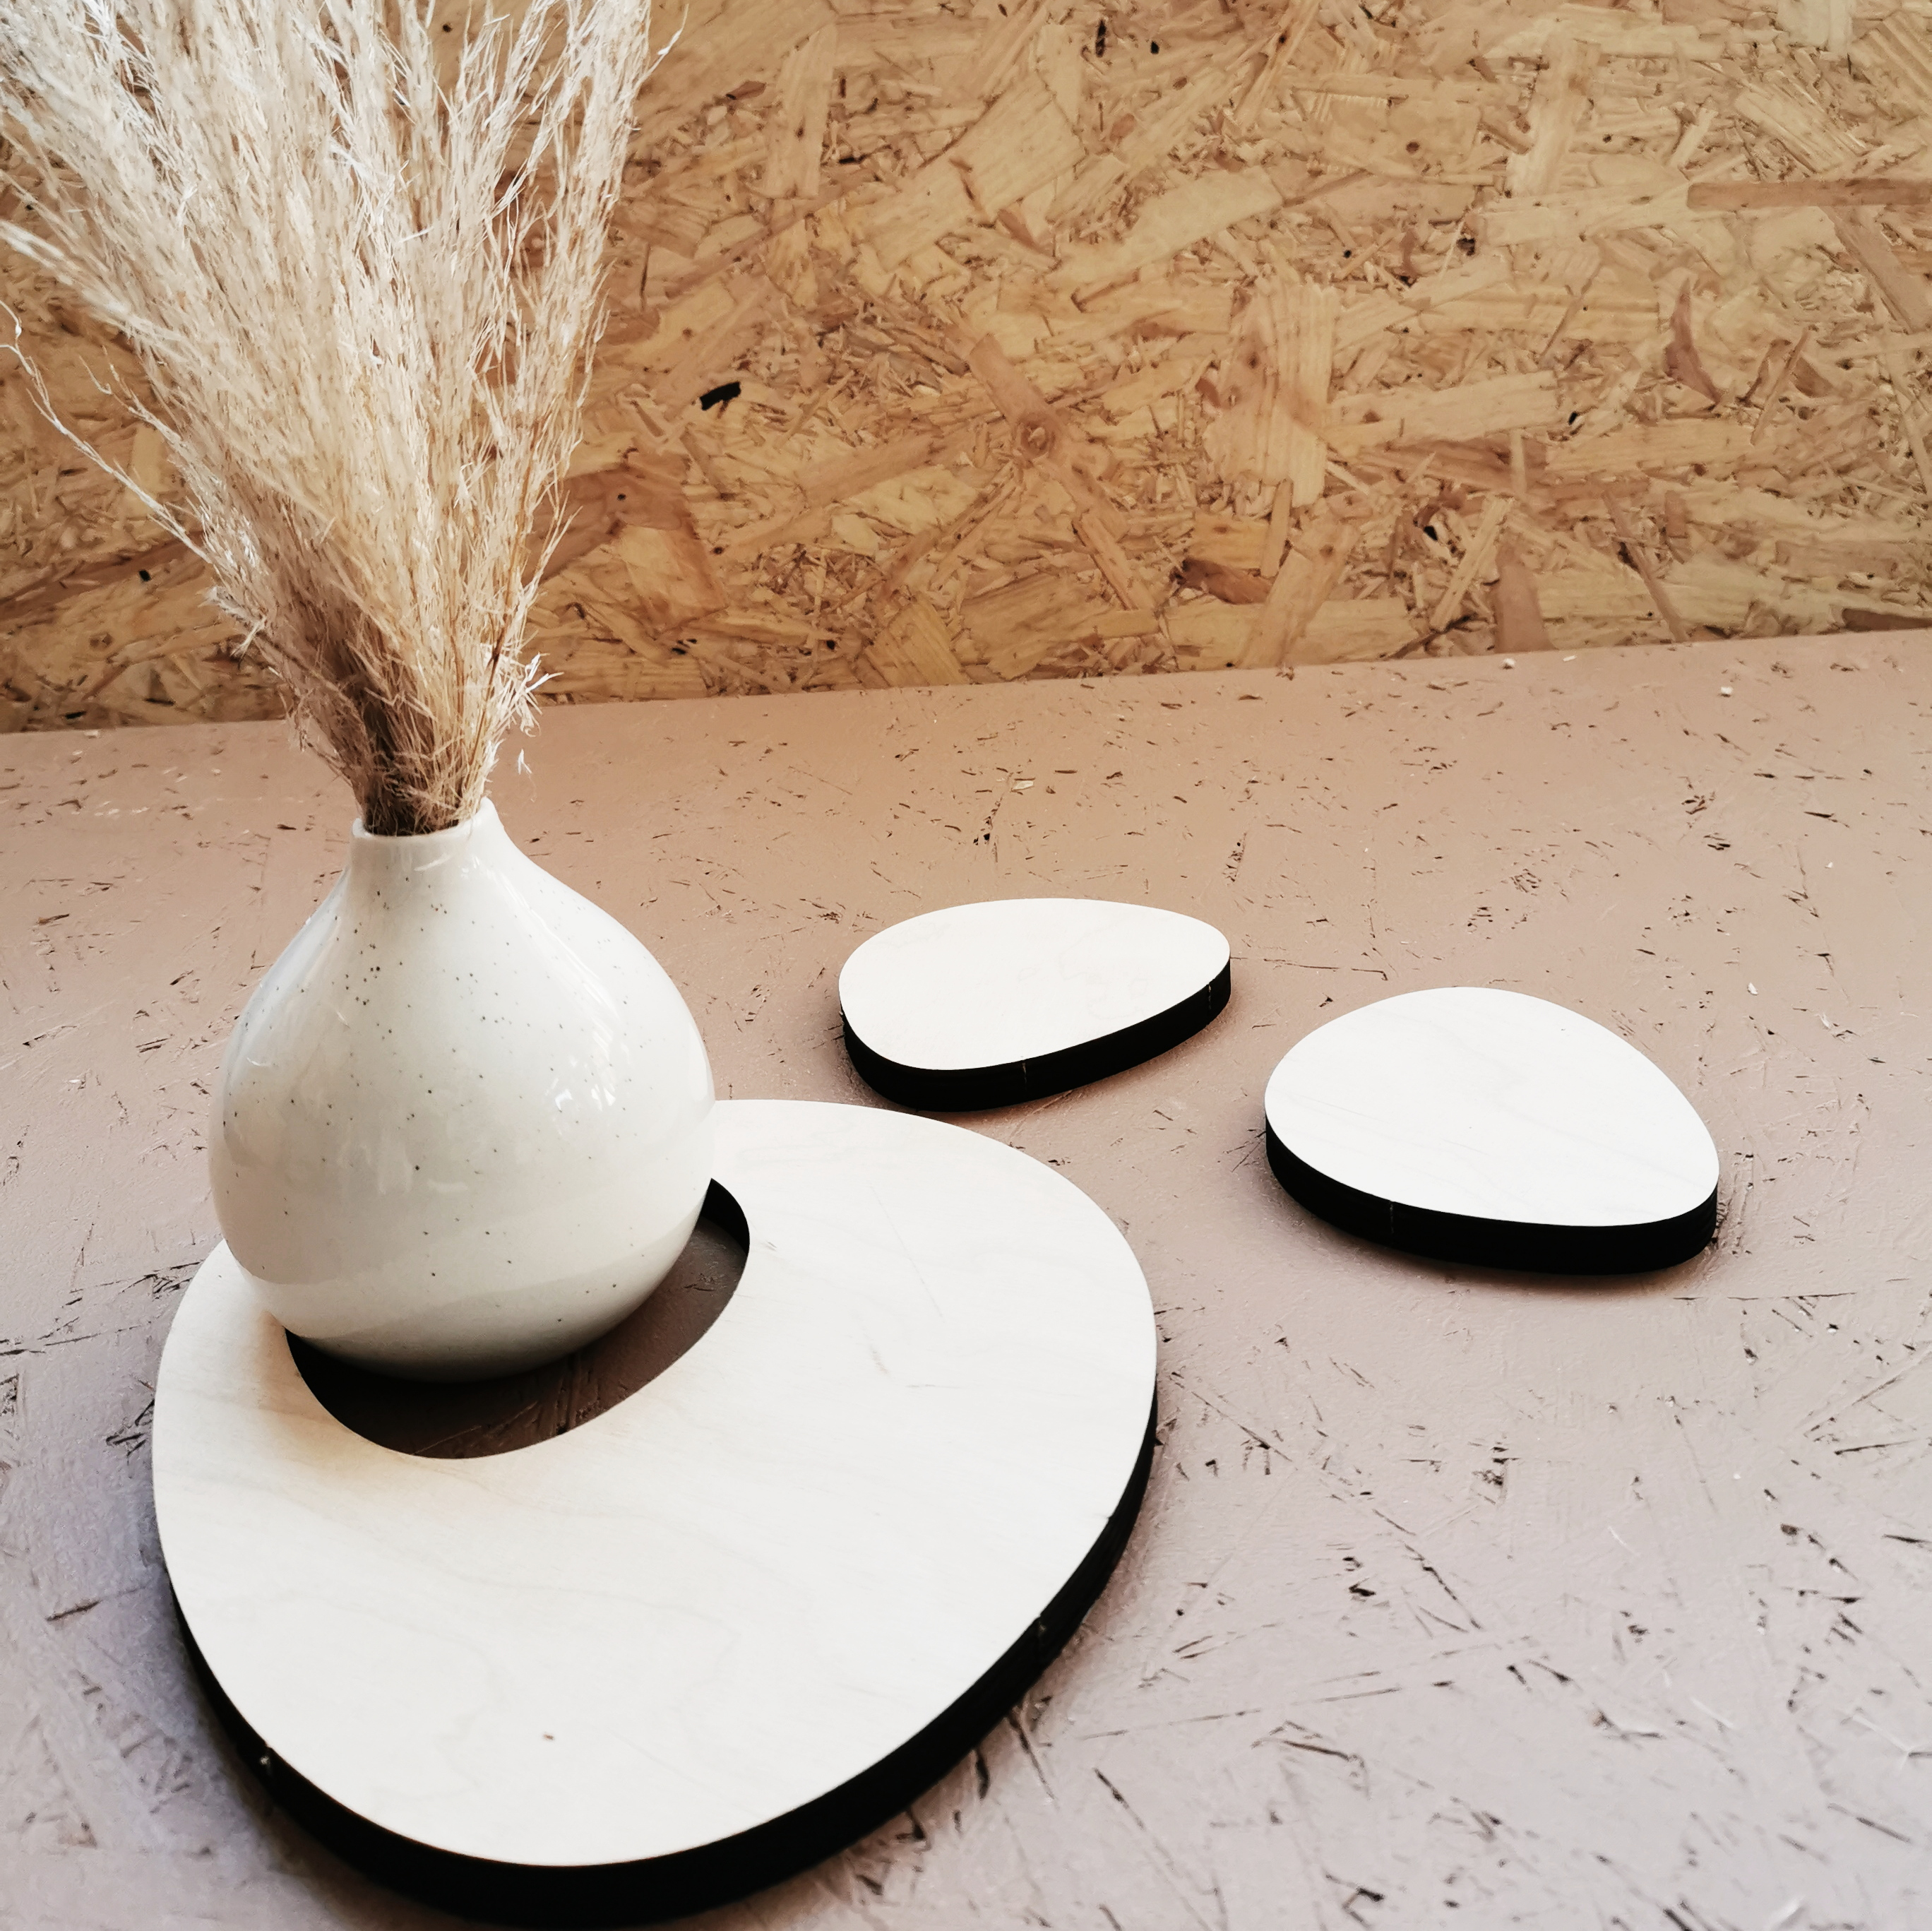 Vaneriset tuotteemme, jotka on valmistettu ylijäämä materiaalista, joka syntyy Vanerisen ripustimen tuotannosta.